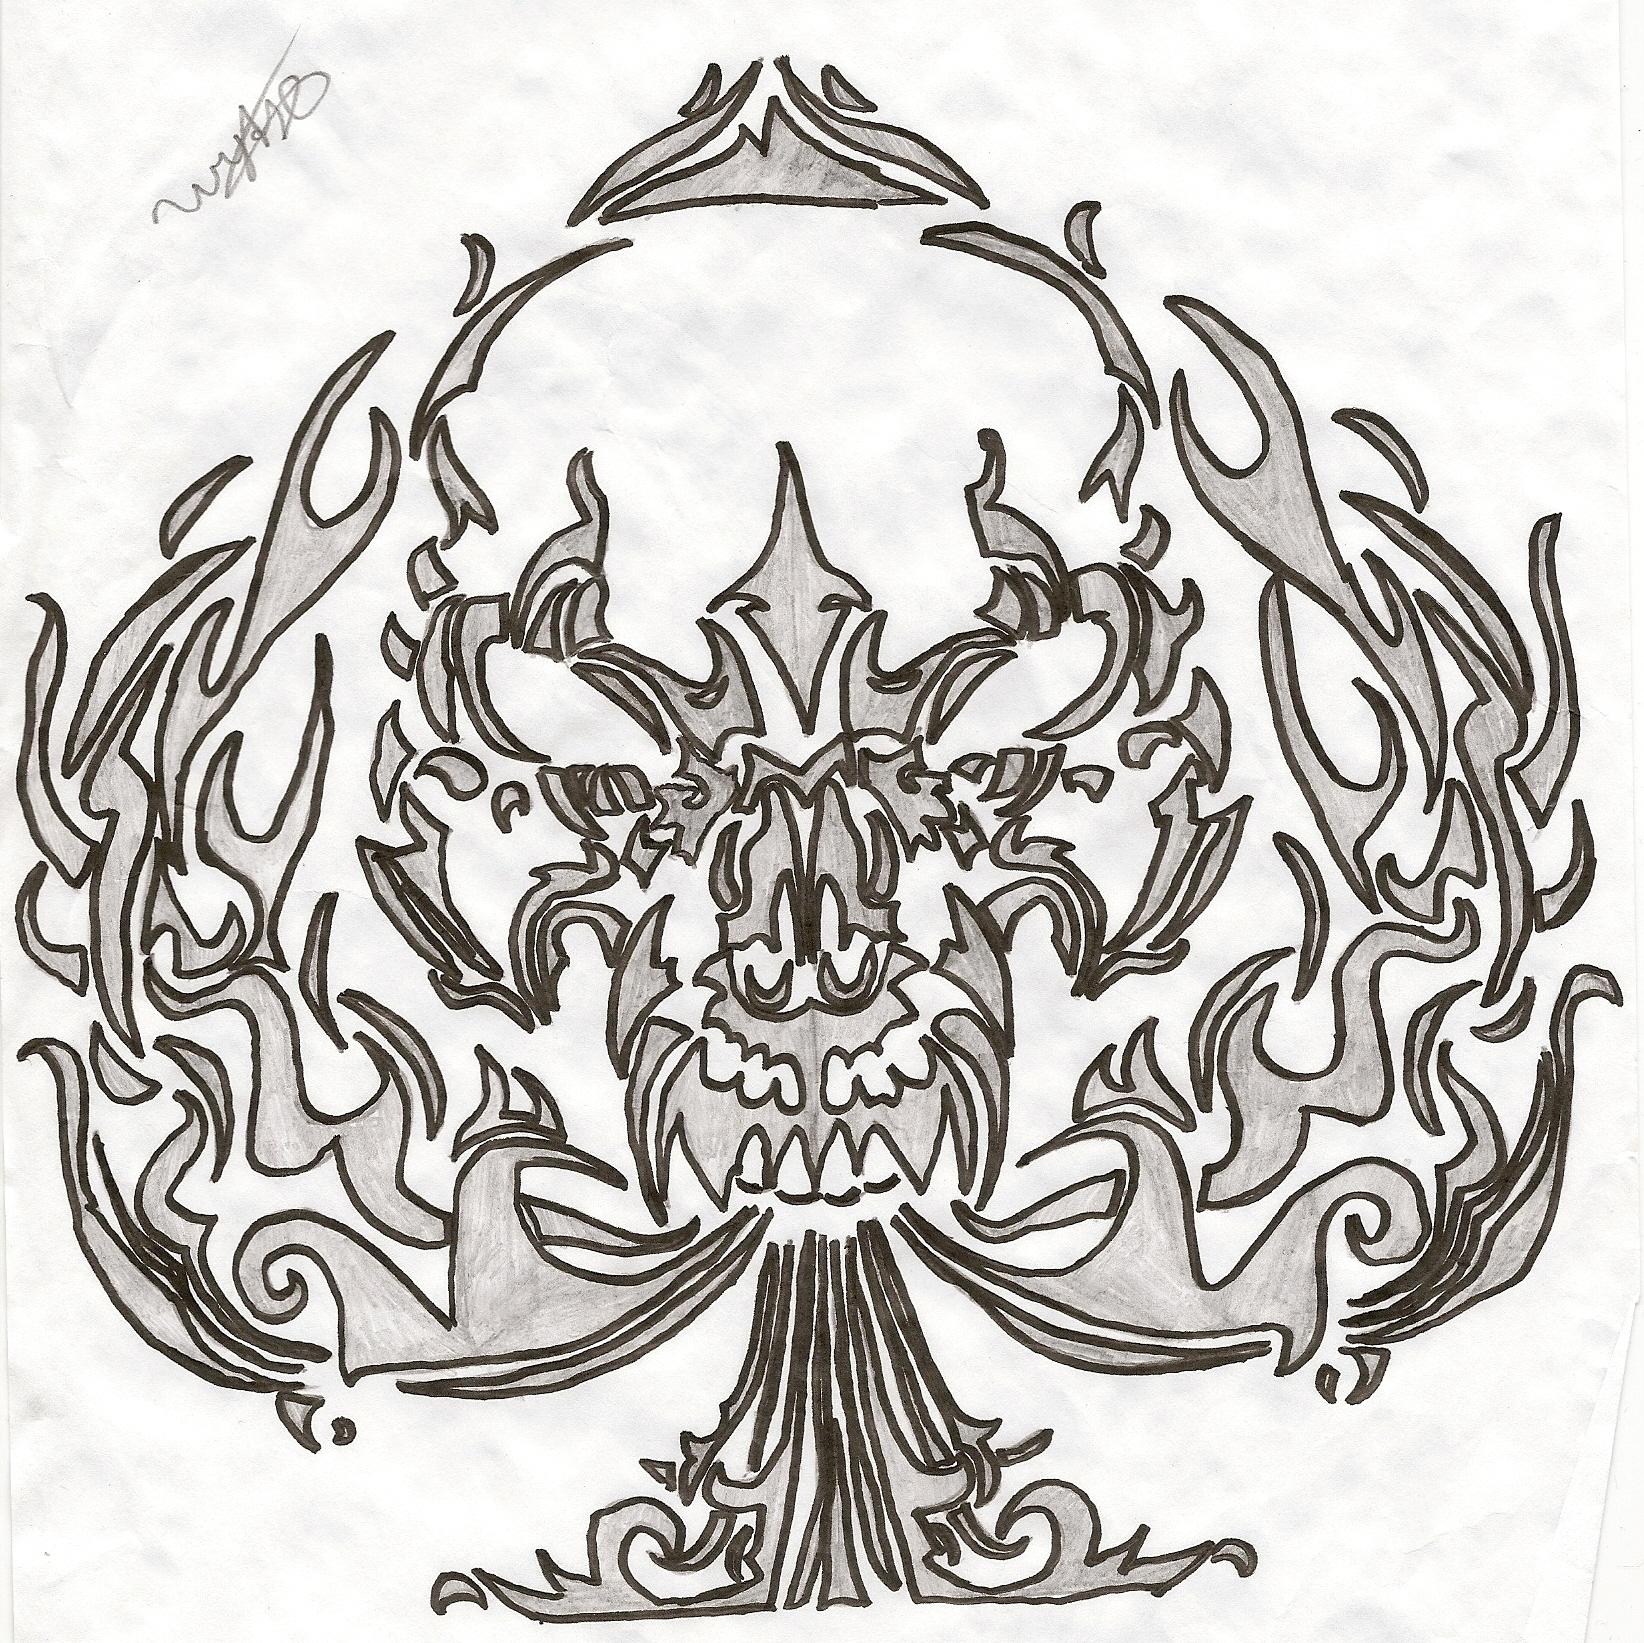 1644x1643 Ace Of Spades (Tribal) By Darks0ul777